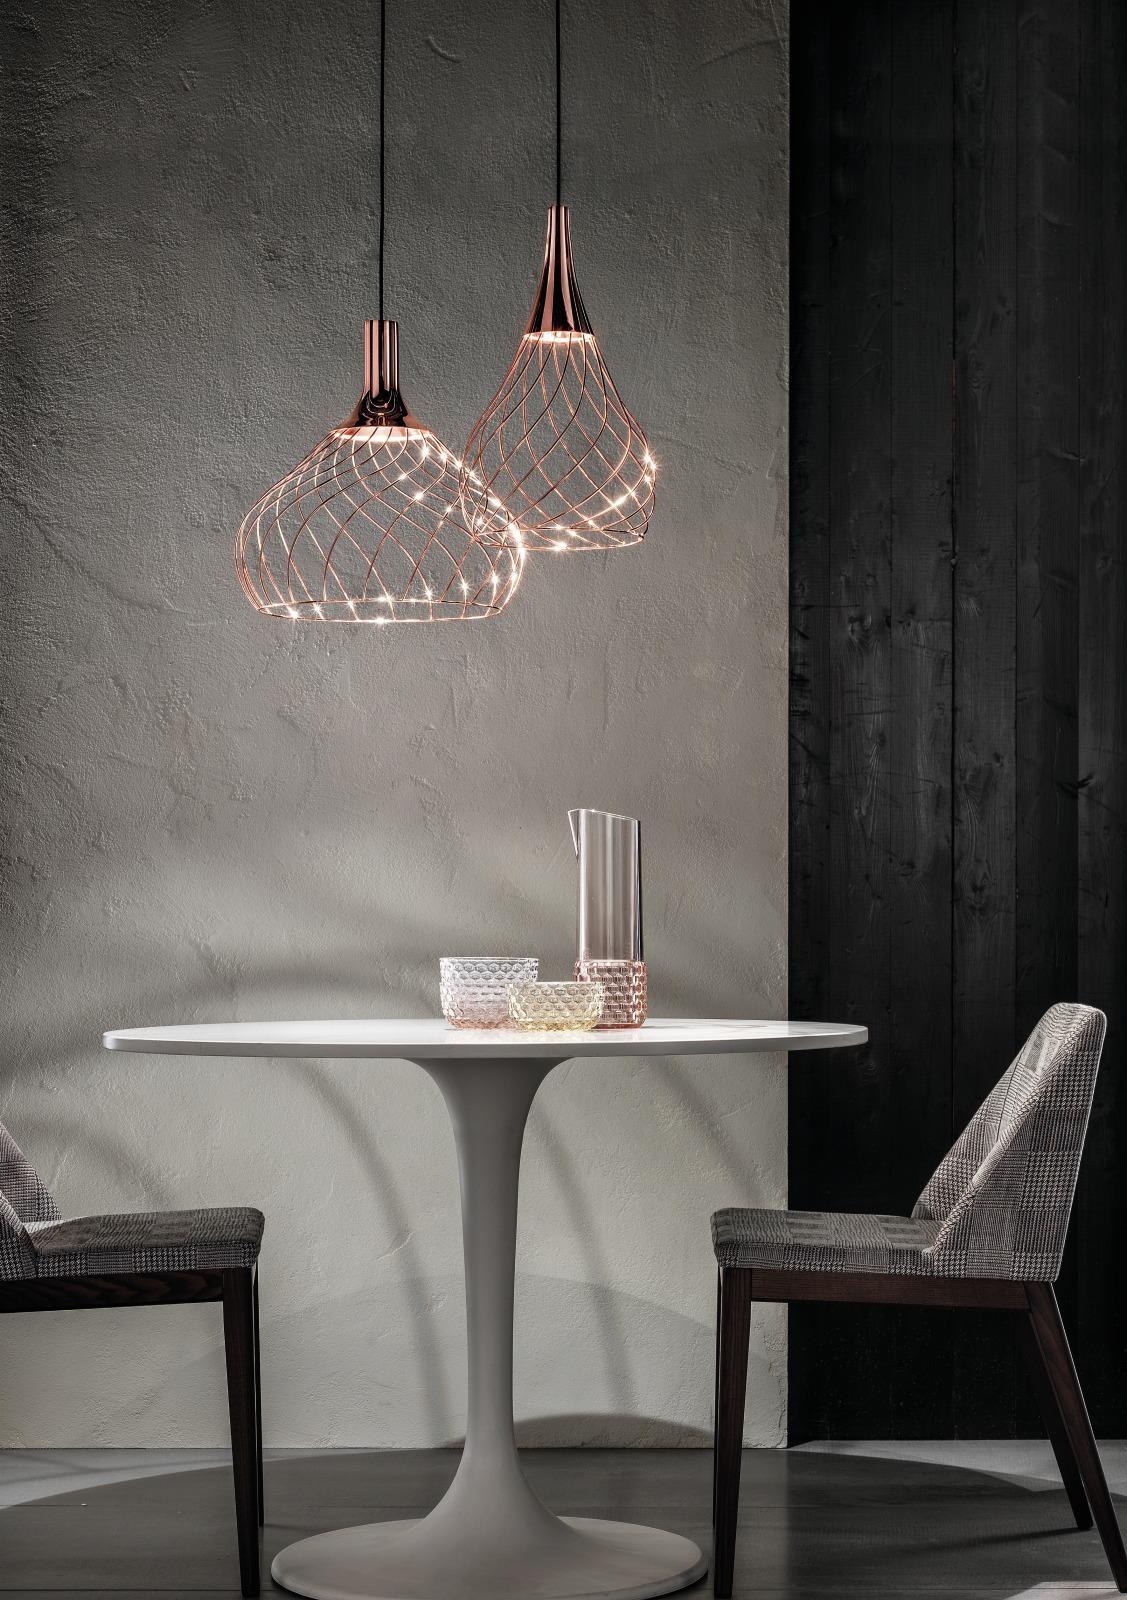 Tavolo Da Pranzo 3 Metri lampade a sospensione per il tavolo da pranzo: consigli e le